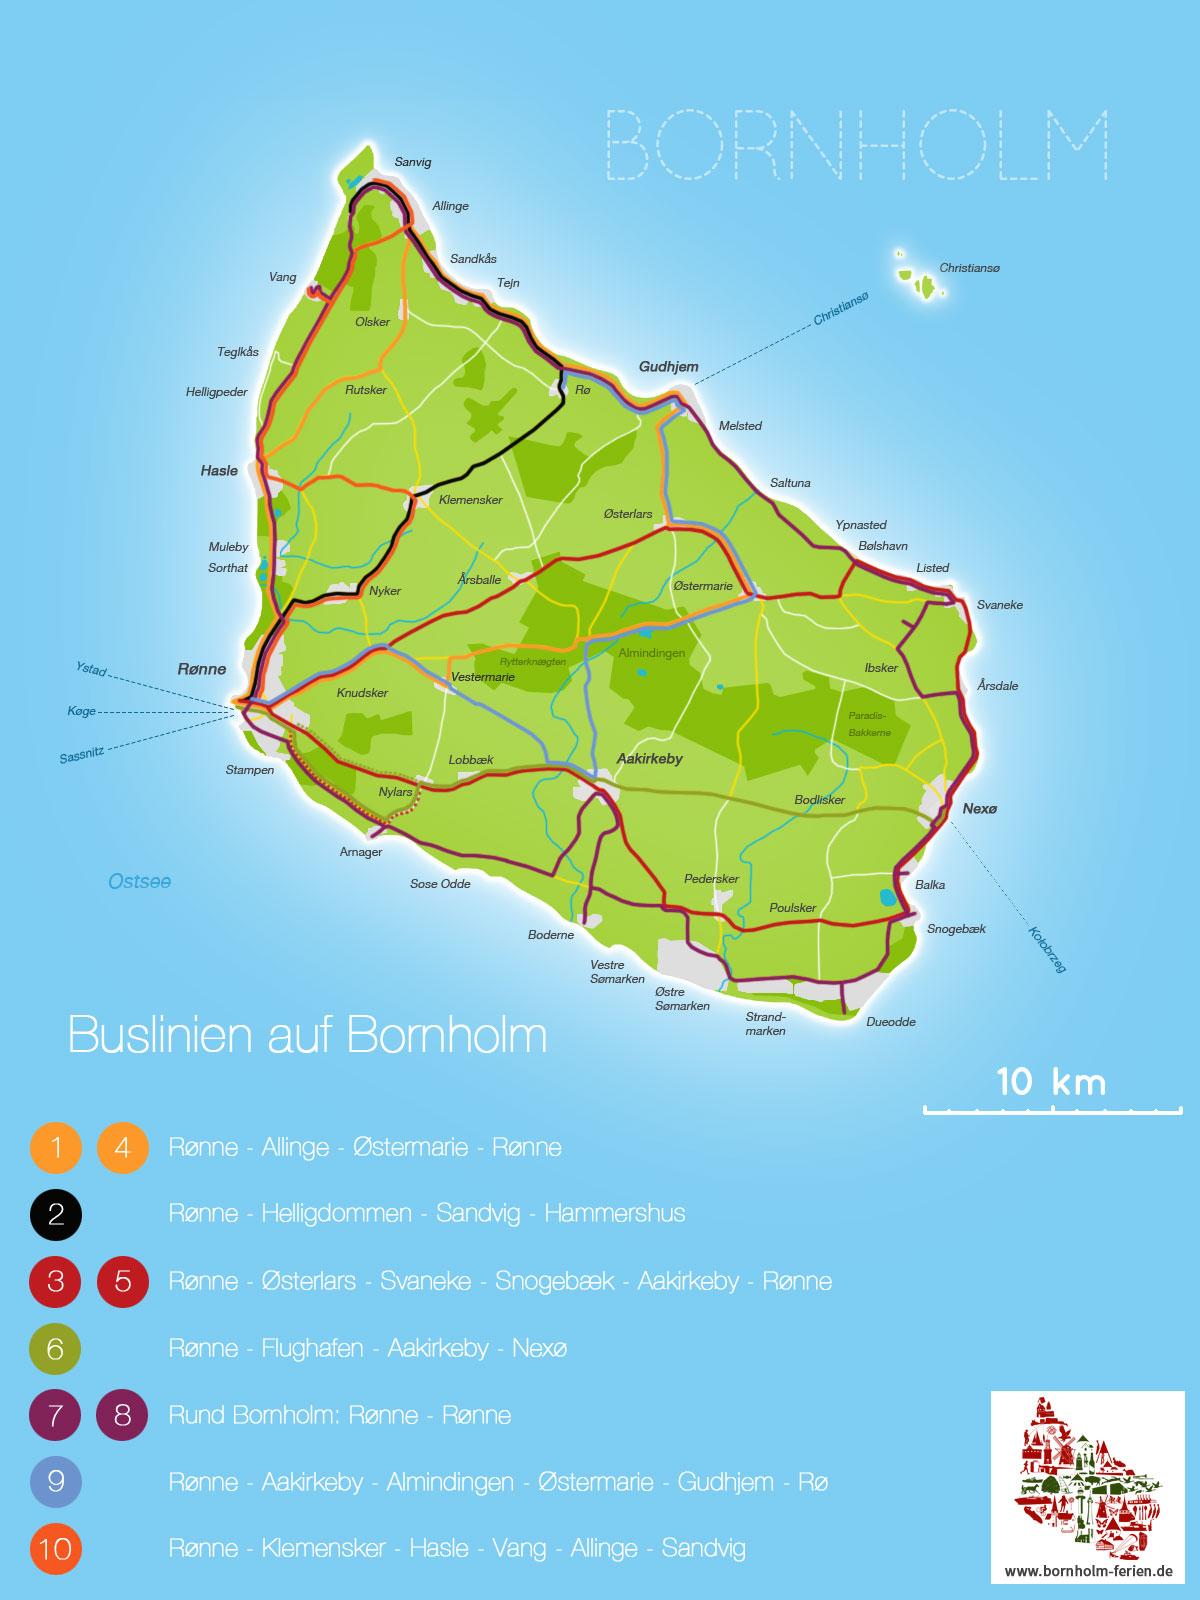 Kartebusbornholmjpg Bornhholm Holiday Trips - Sweden map 1600